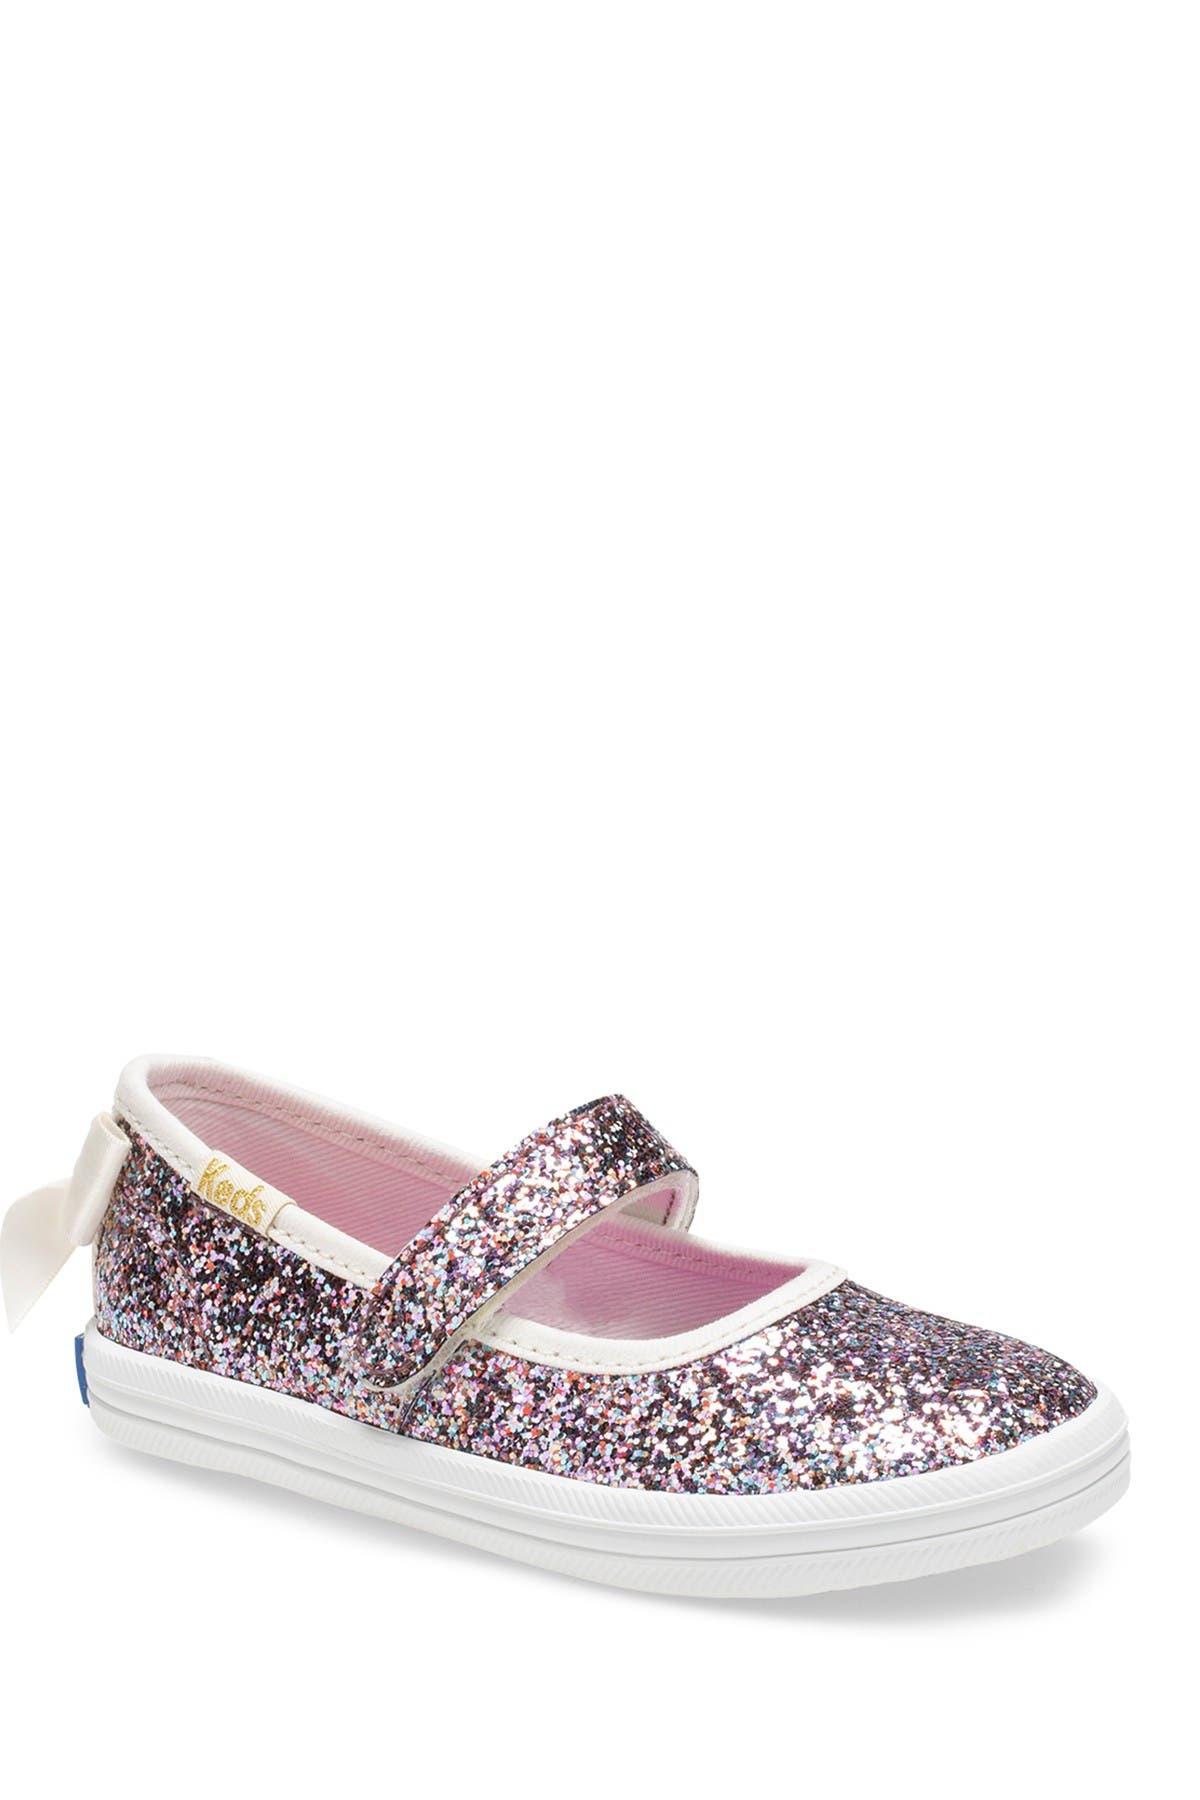 Keds Kids' Girls' Shoes | Nordstrom Rack